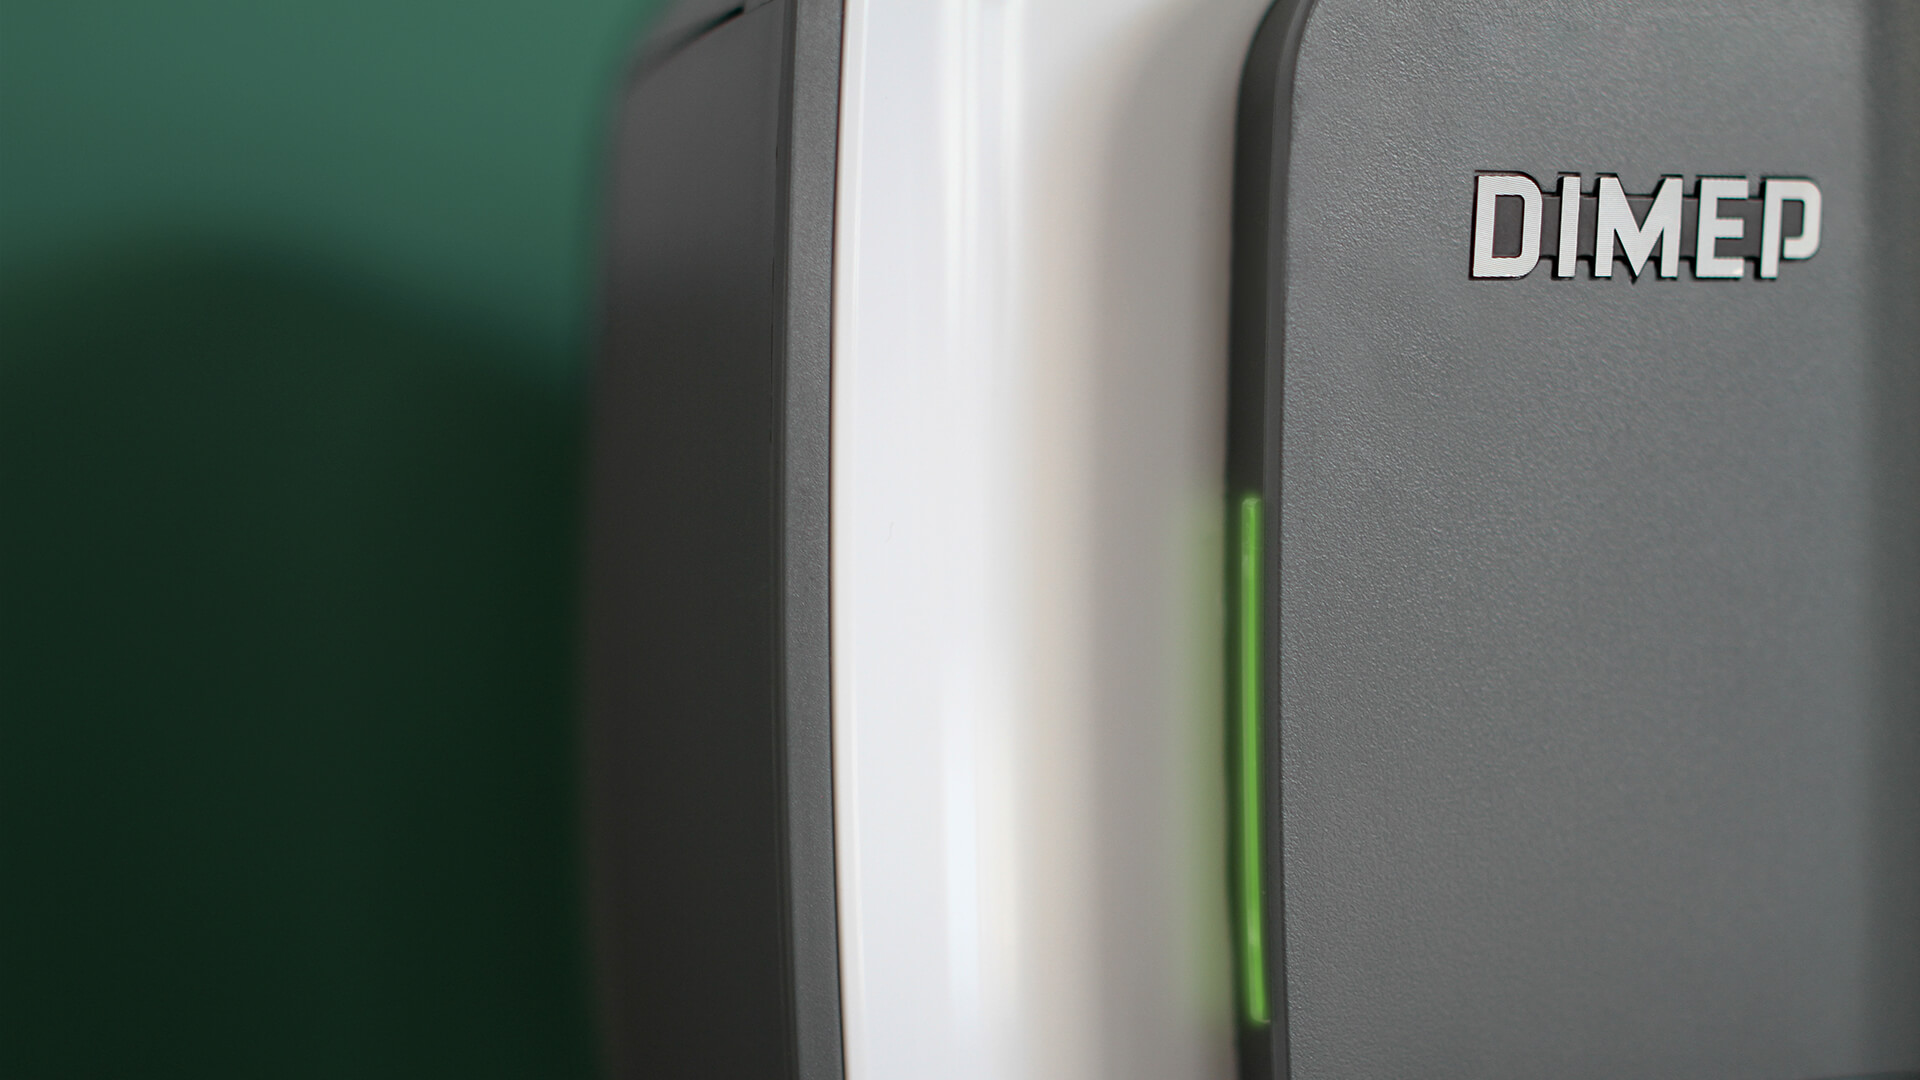 DIMEP-ponto-eletronico-detalhe